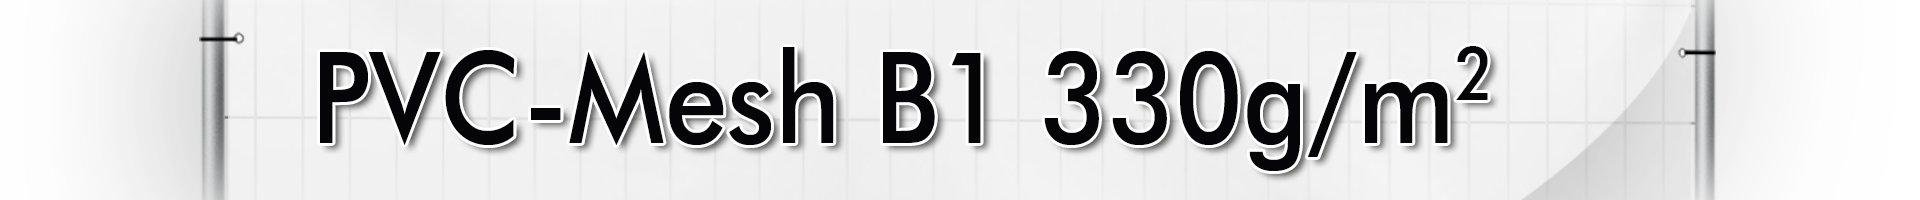 PVC-Mesh B1 330g/m²